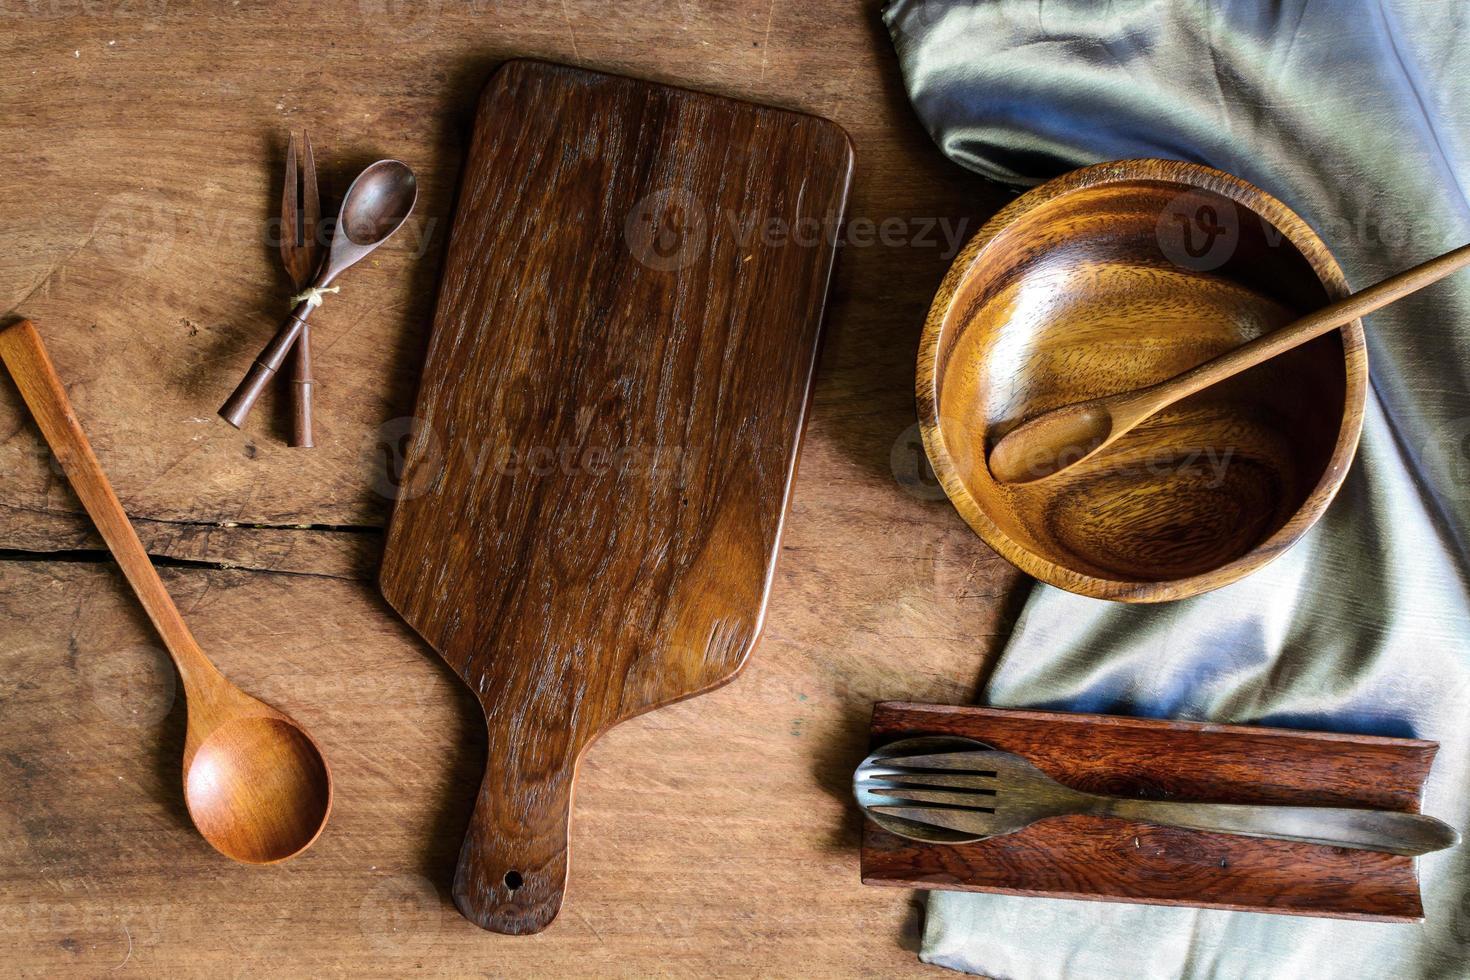 houten gebruiksvoorwerp in de keuken op oude houten achtergrond foto